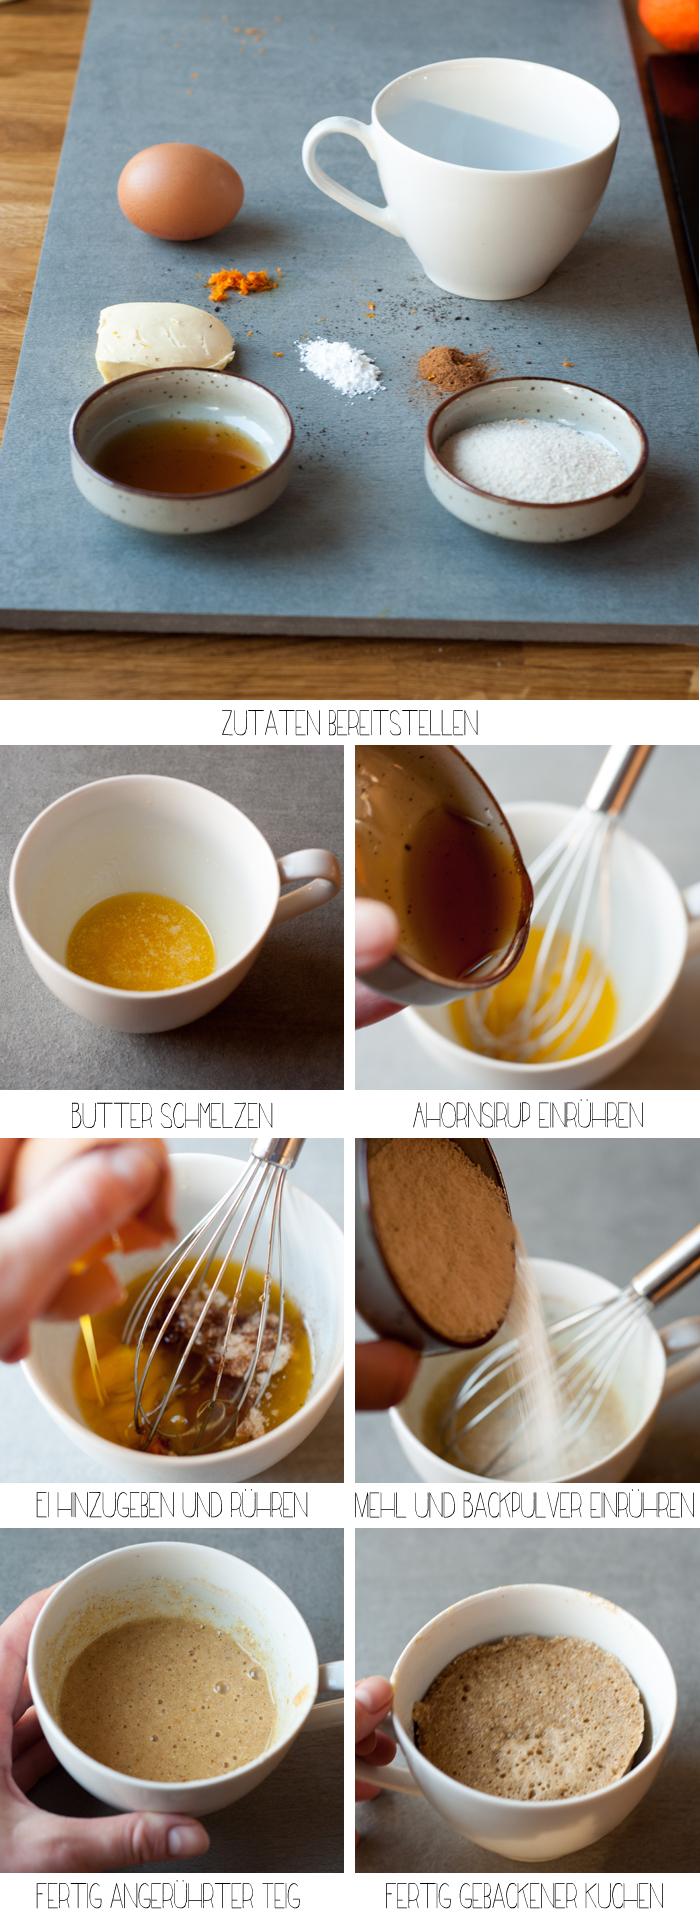 Anleitung: Tassenkuchen geht auch Paleo! Mit Cassava-Mehl. Er ist glutenfrei, lactosefrei, ohne Getreide und raffinierten Zucker. Und ganz schnell gemacht! - ein perfektes Paleo Frühstück. Ein Rezept von johannarundel.de